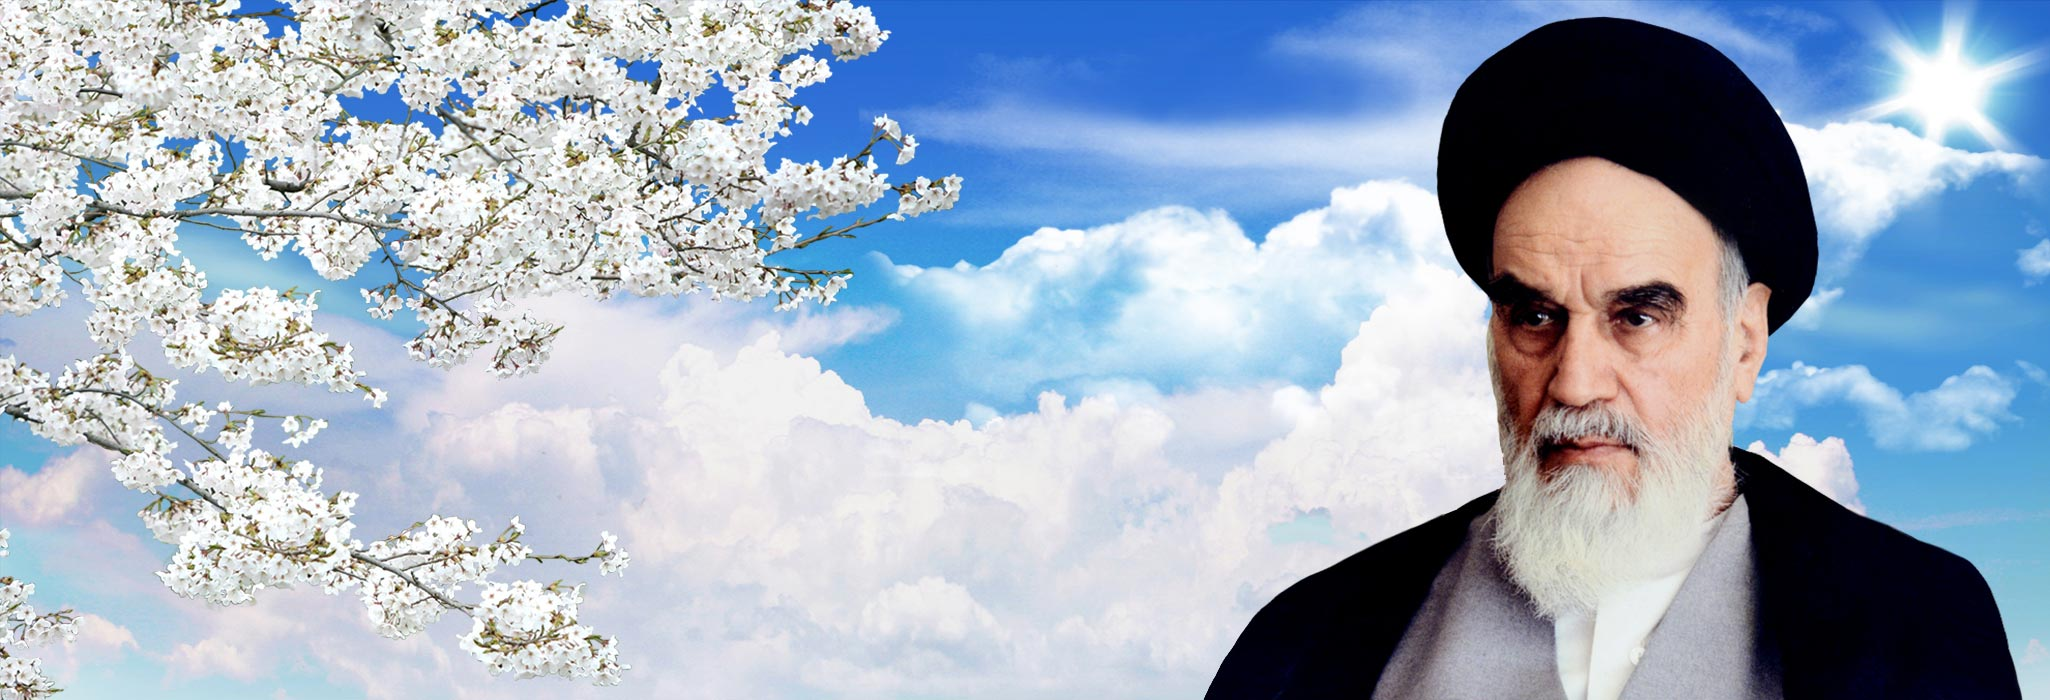 """L`Imam Khomeini: """"Je demande à DIEU Béni et Exalté soit-Il durant cette nouvelle année la grandeur de l'Islam, la grandeur des musulmans et la grandeur de la noble Nation islamique et je souhaite durant celle-ci que tout devienne nouveau, avec l'arrivée d'une nouvelle conduite et l'émergence de nouveaux actes afin que tous se donnent la main pour construire ce pays."""""""